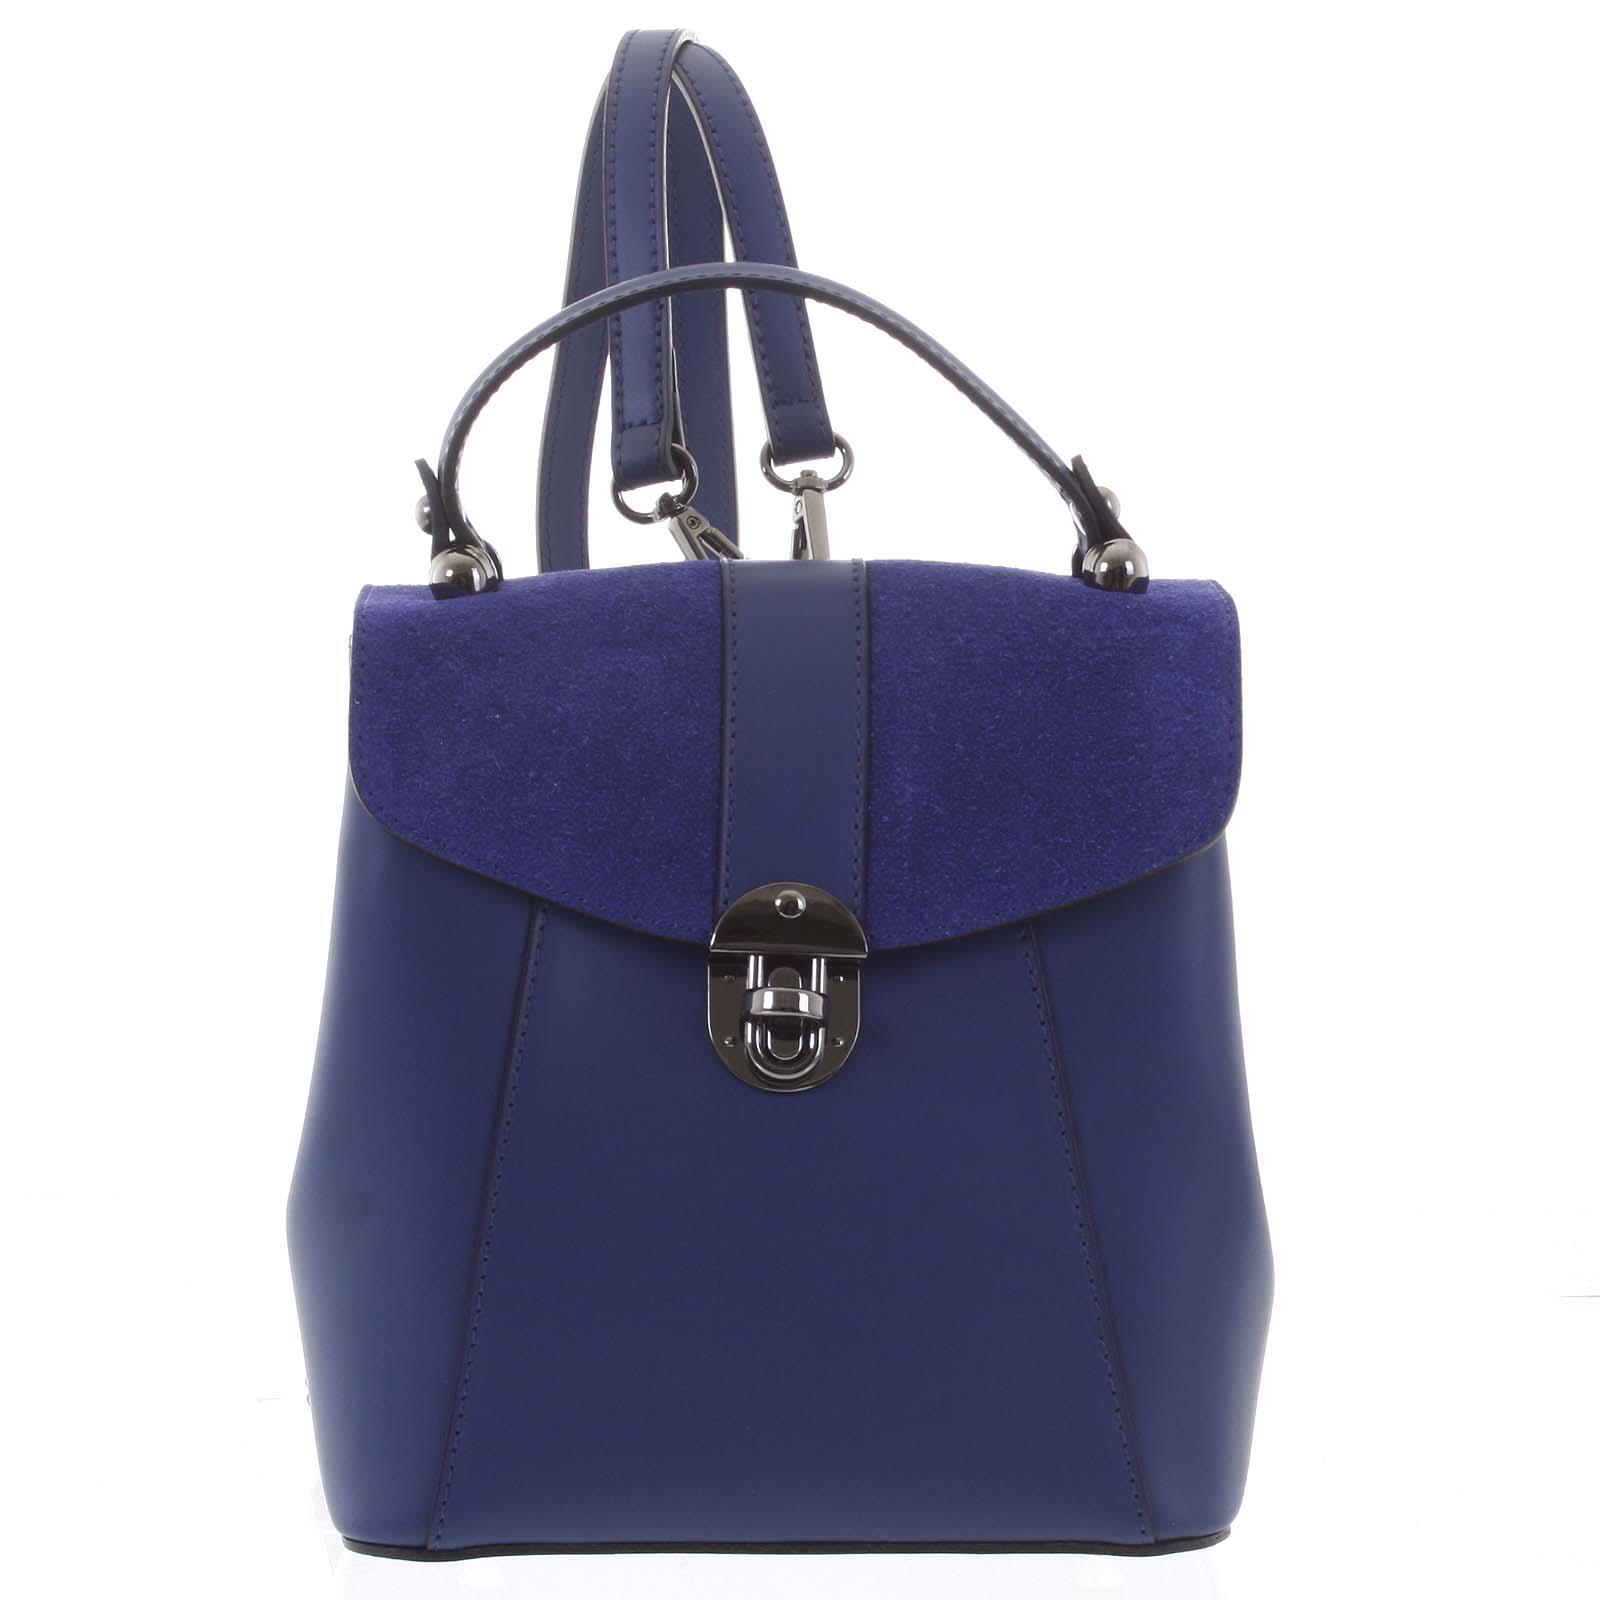 Dámský originální kožený tmavě modrý batůžek/kabelka - ItalY Acnes